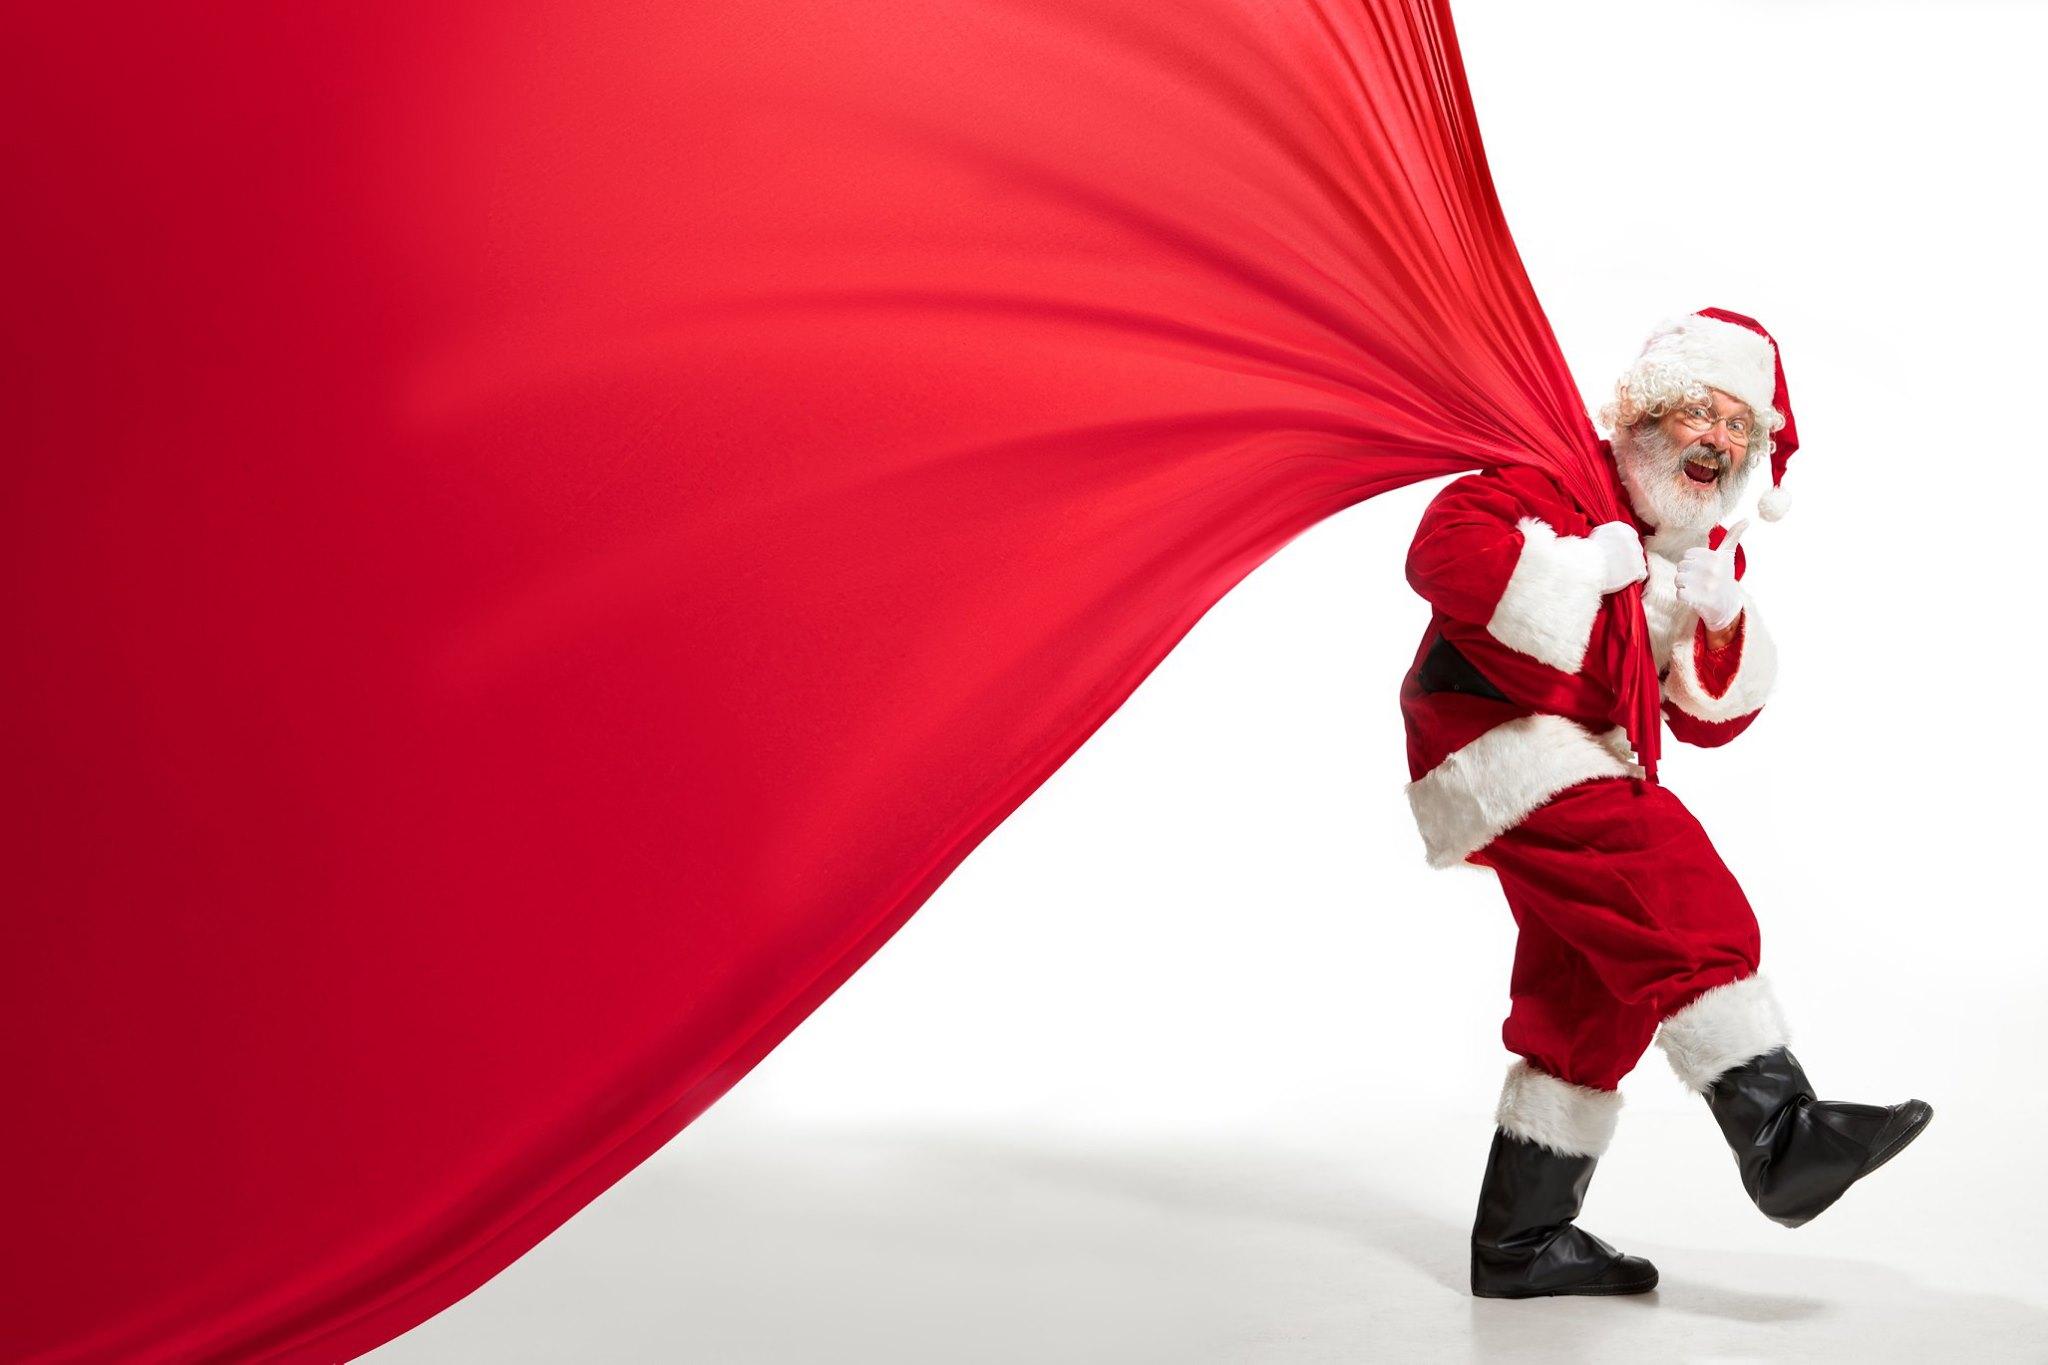 صور بابا نويل للكتابه عليها 2 صور بابا نويل للكتابه عليها